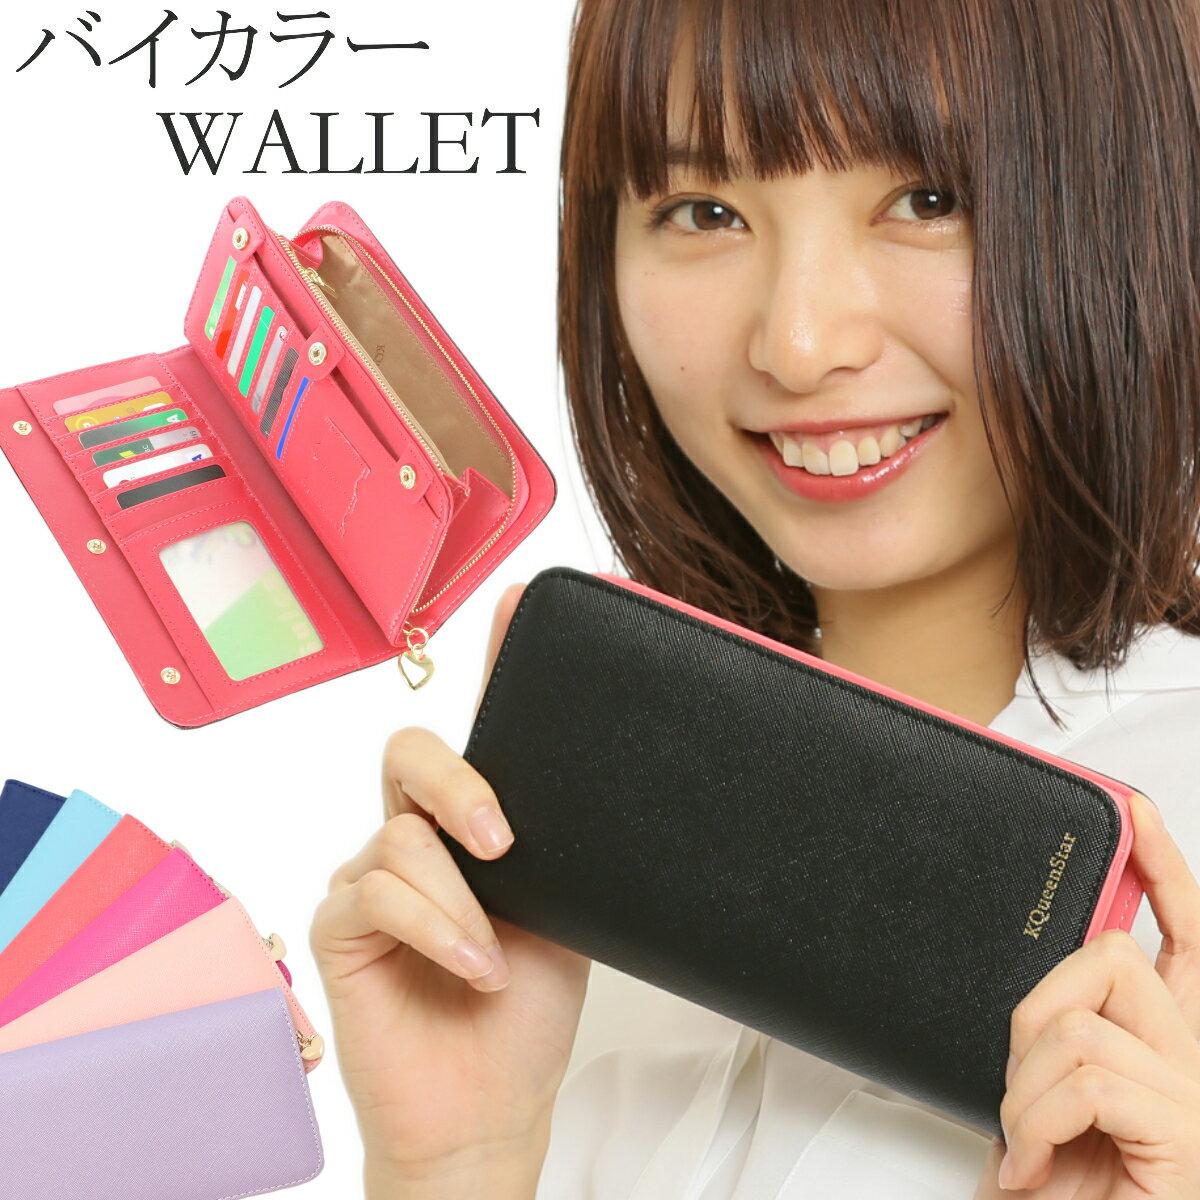 製品保証3ヶ月付 バイカラー 大容量 ラウンドジップ 長財布 レディース 可愛い かわいい 財布 小銭入れあり カード入れ シンプル 二つ折りさいふ サイフ スマホ iphone wallet ロング 送料無料 ギフト おしゃれ ギフト ブランド プレゼント